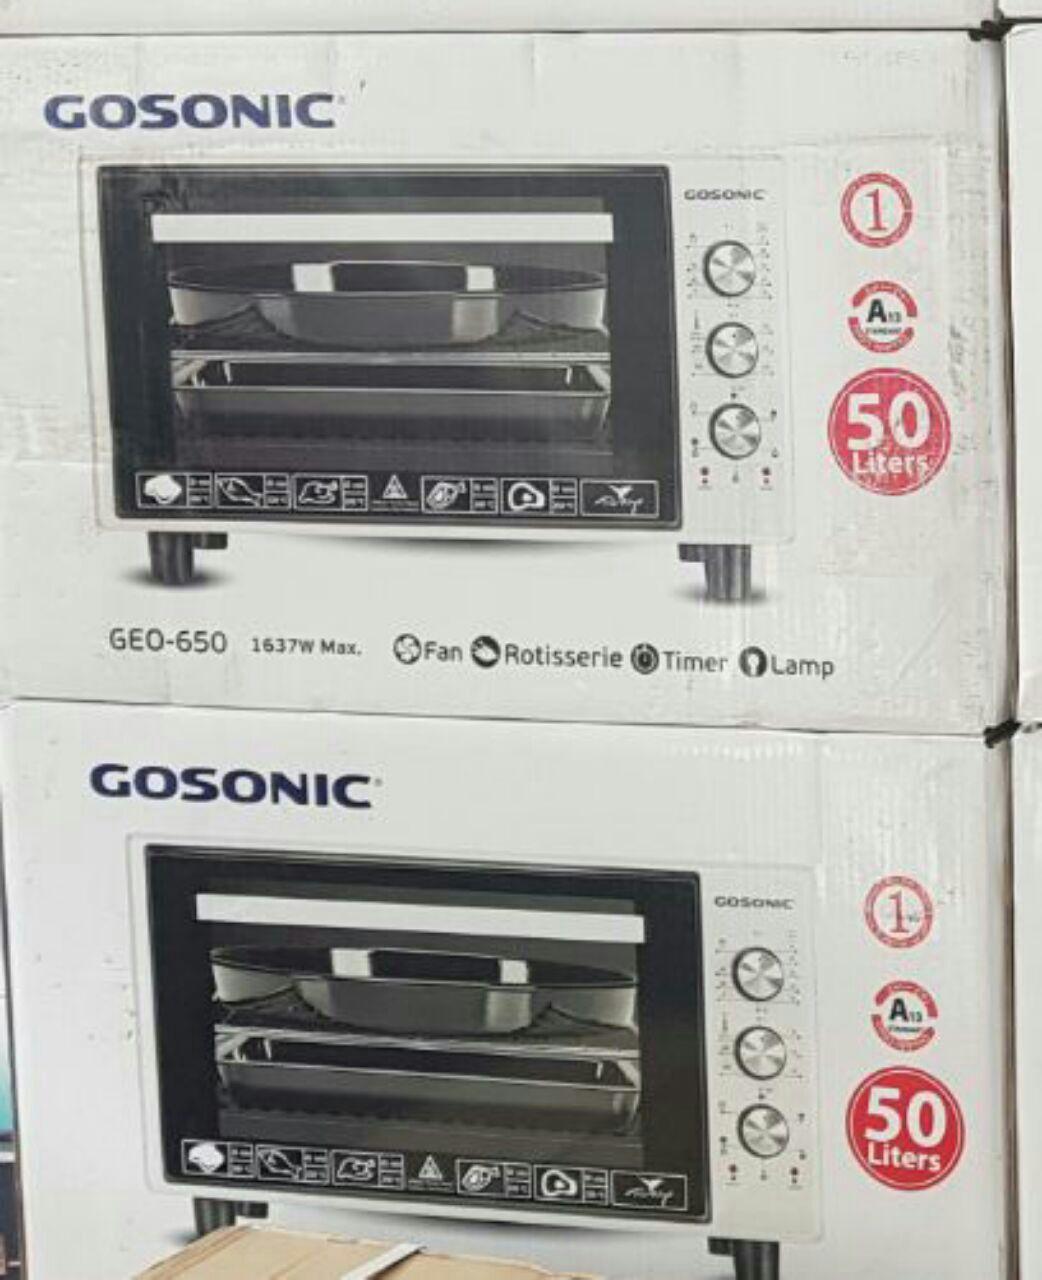 آون توستر 50 لیتری گوسونیک GOSONIC مدل GEO-650 با حداکثر توان